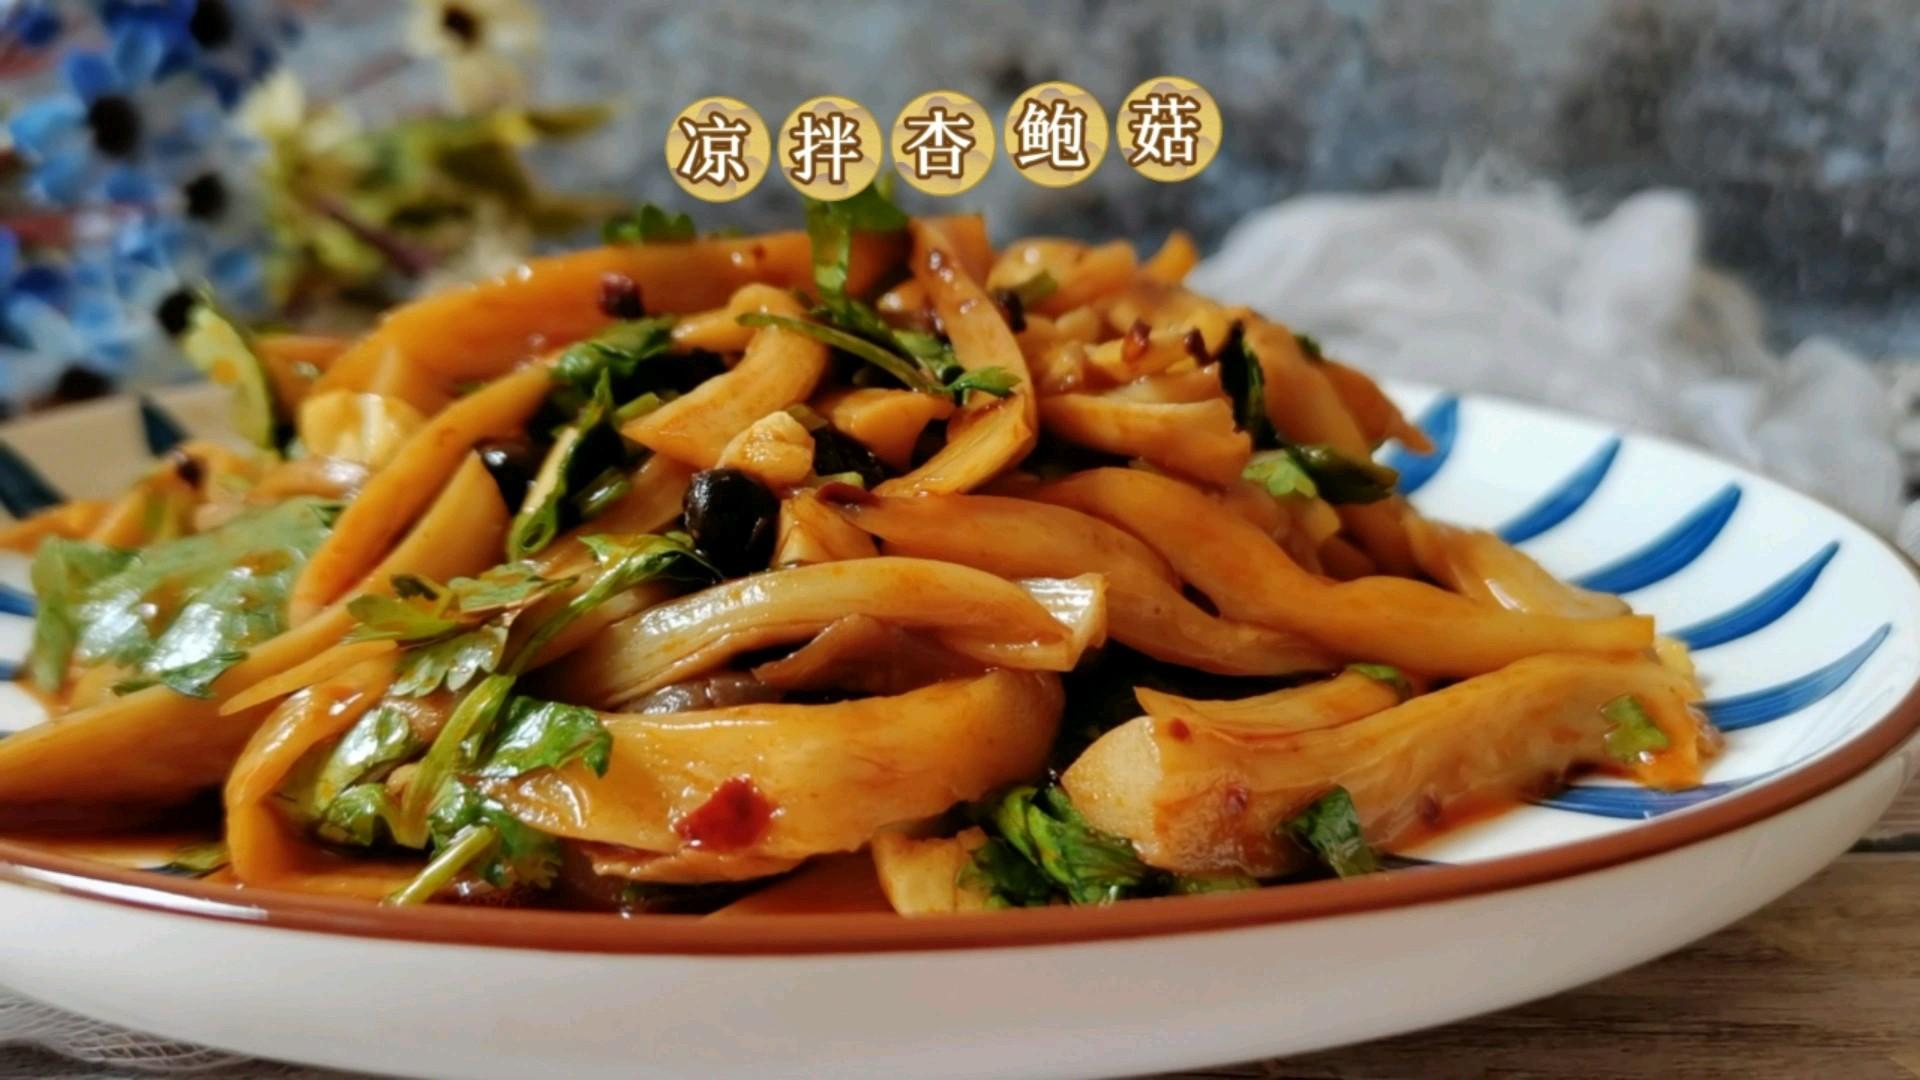 卷心菜怎么烧好吃凉拌杏鲍菇的做法